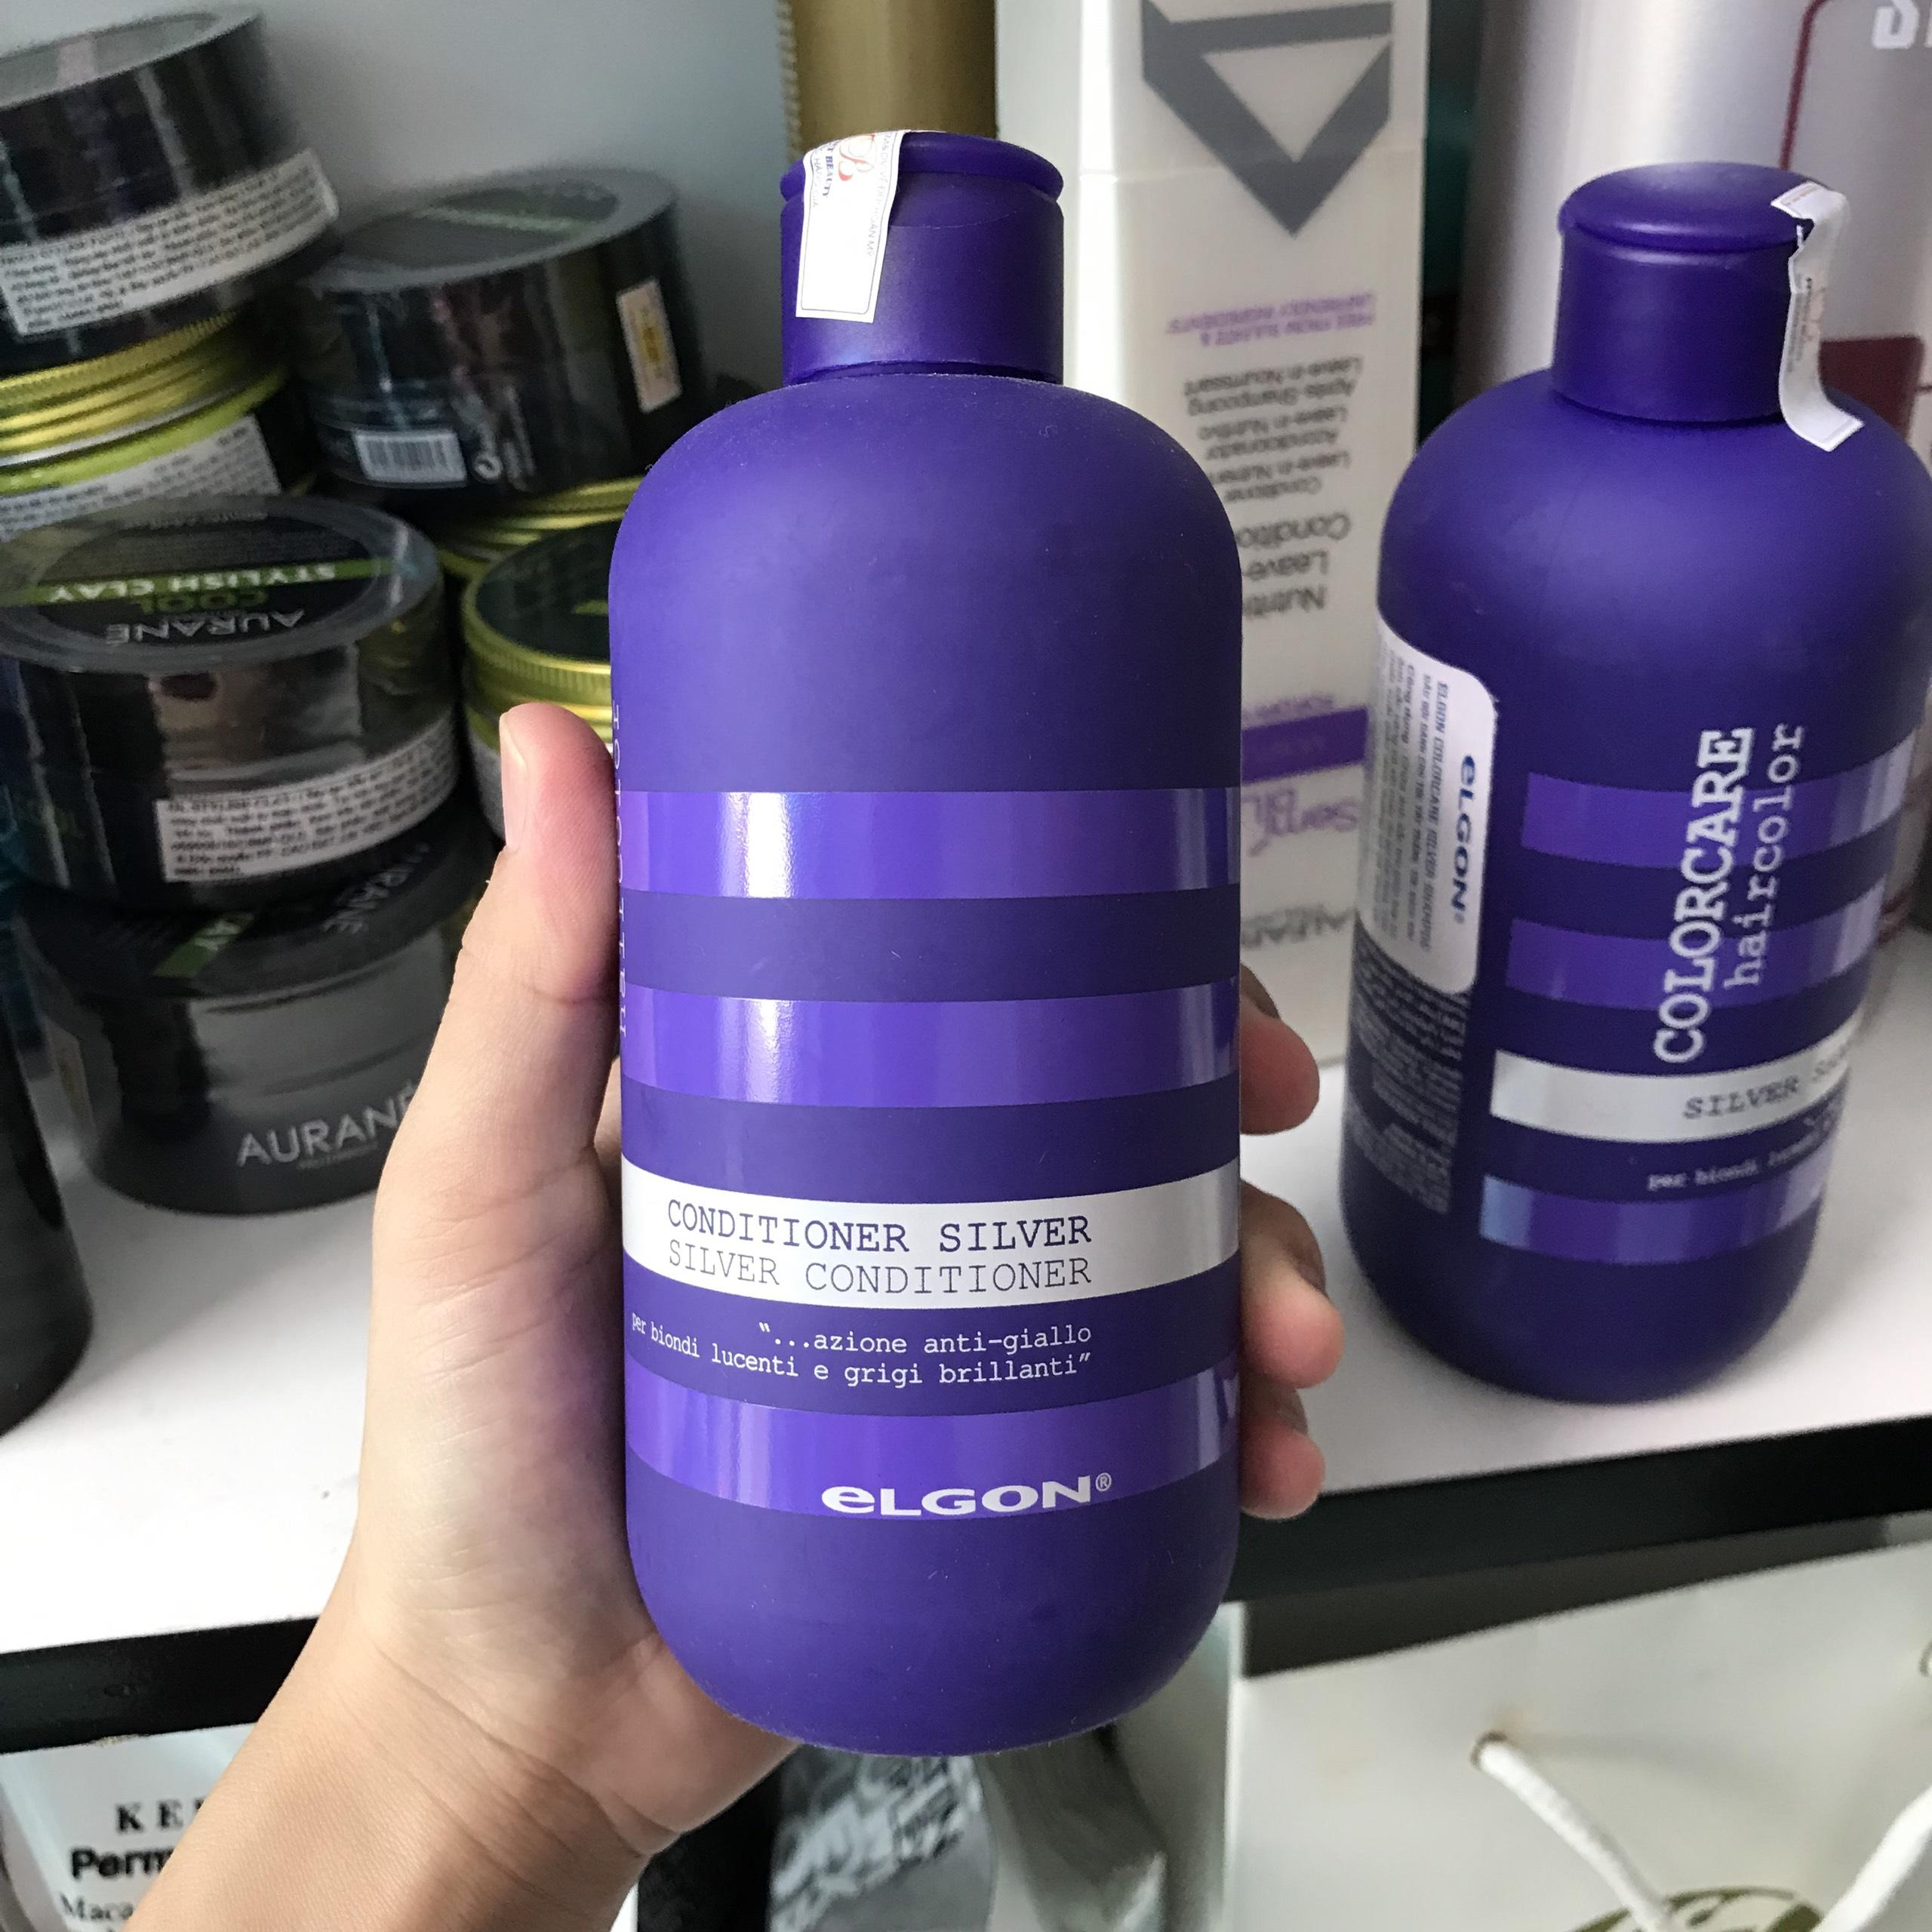 Dầu xả chăm sóc tóc tẩy trắng, bạch kim Elgon Silver Colorcare Conditioner 300ml chính hãng